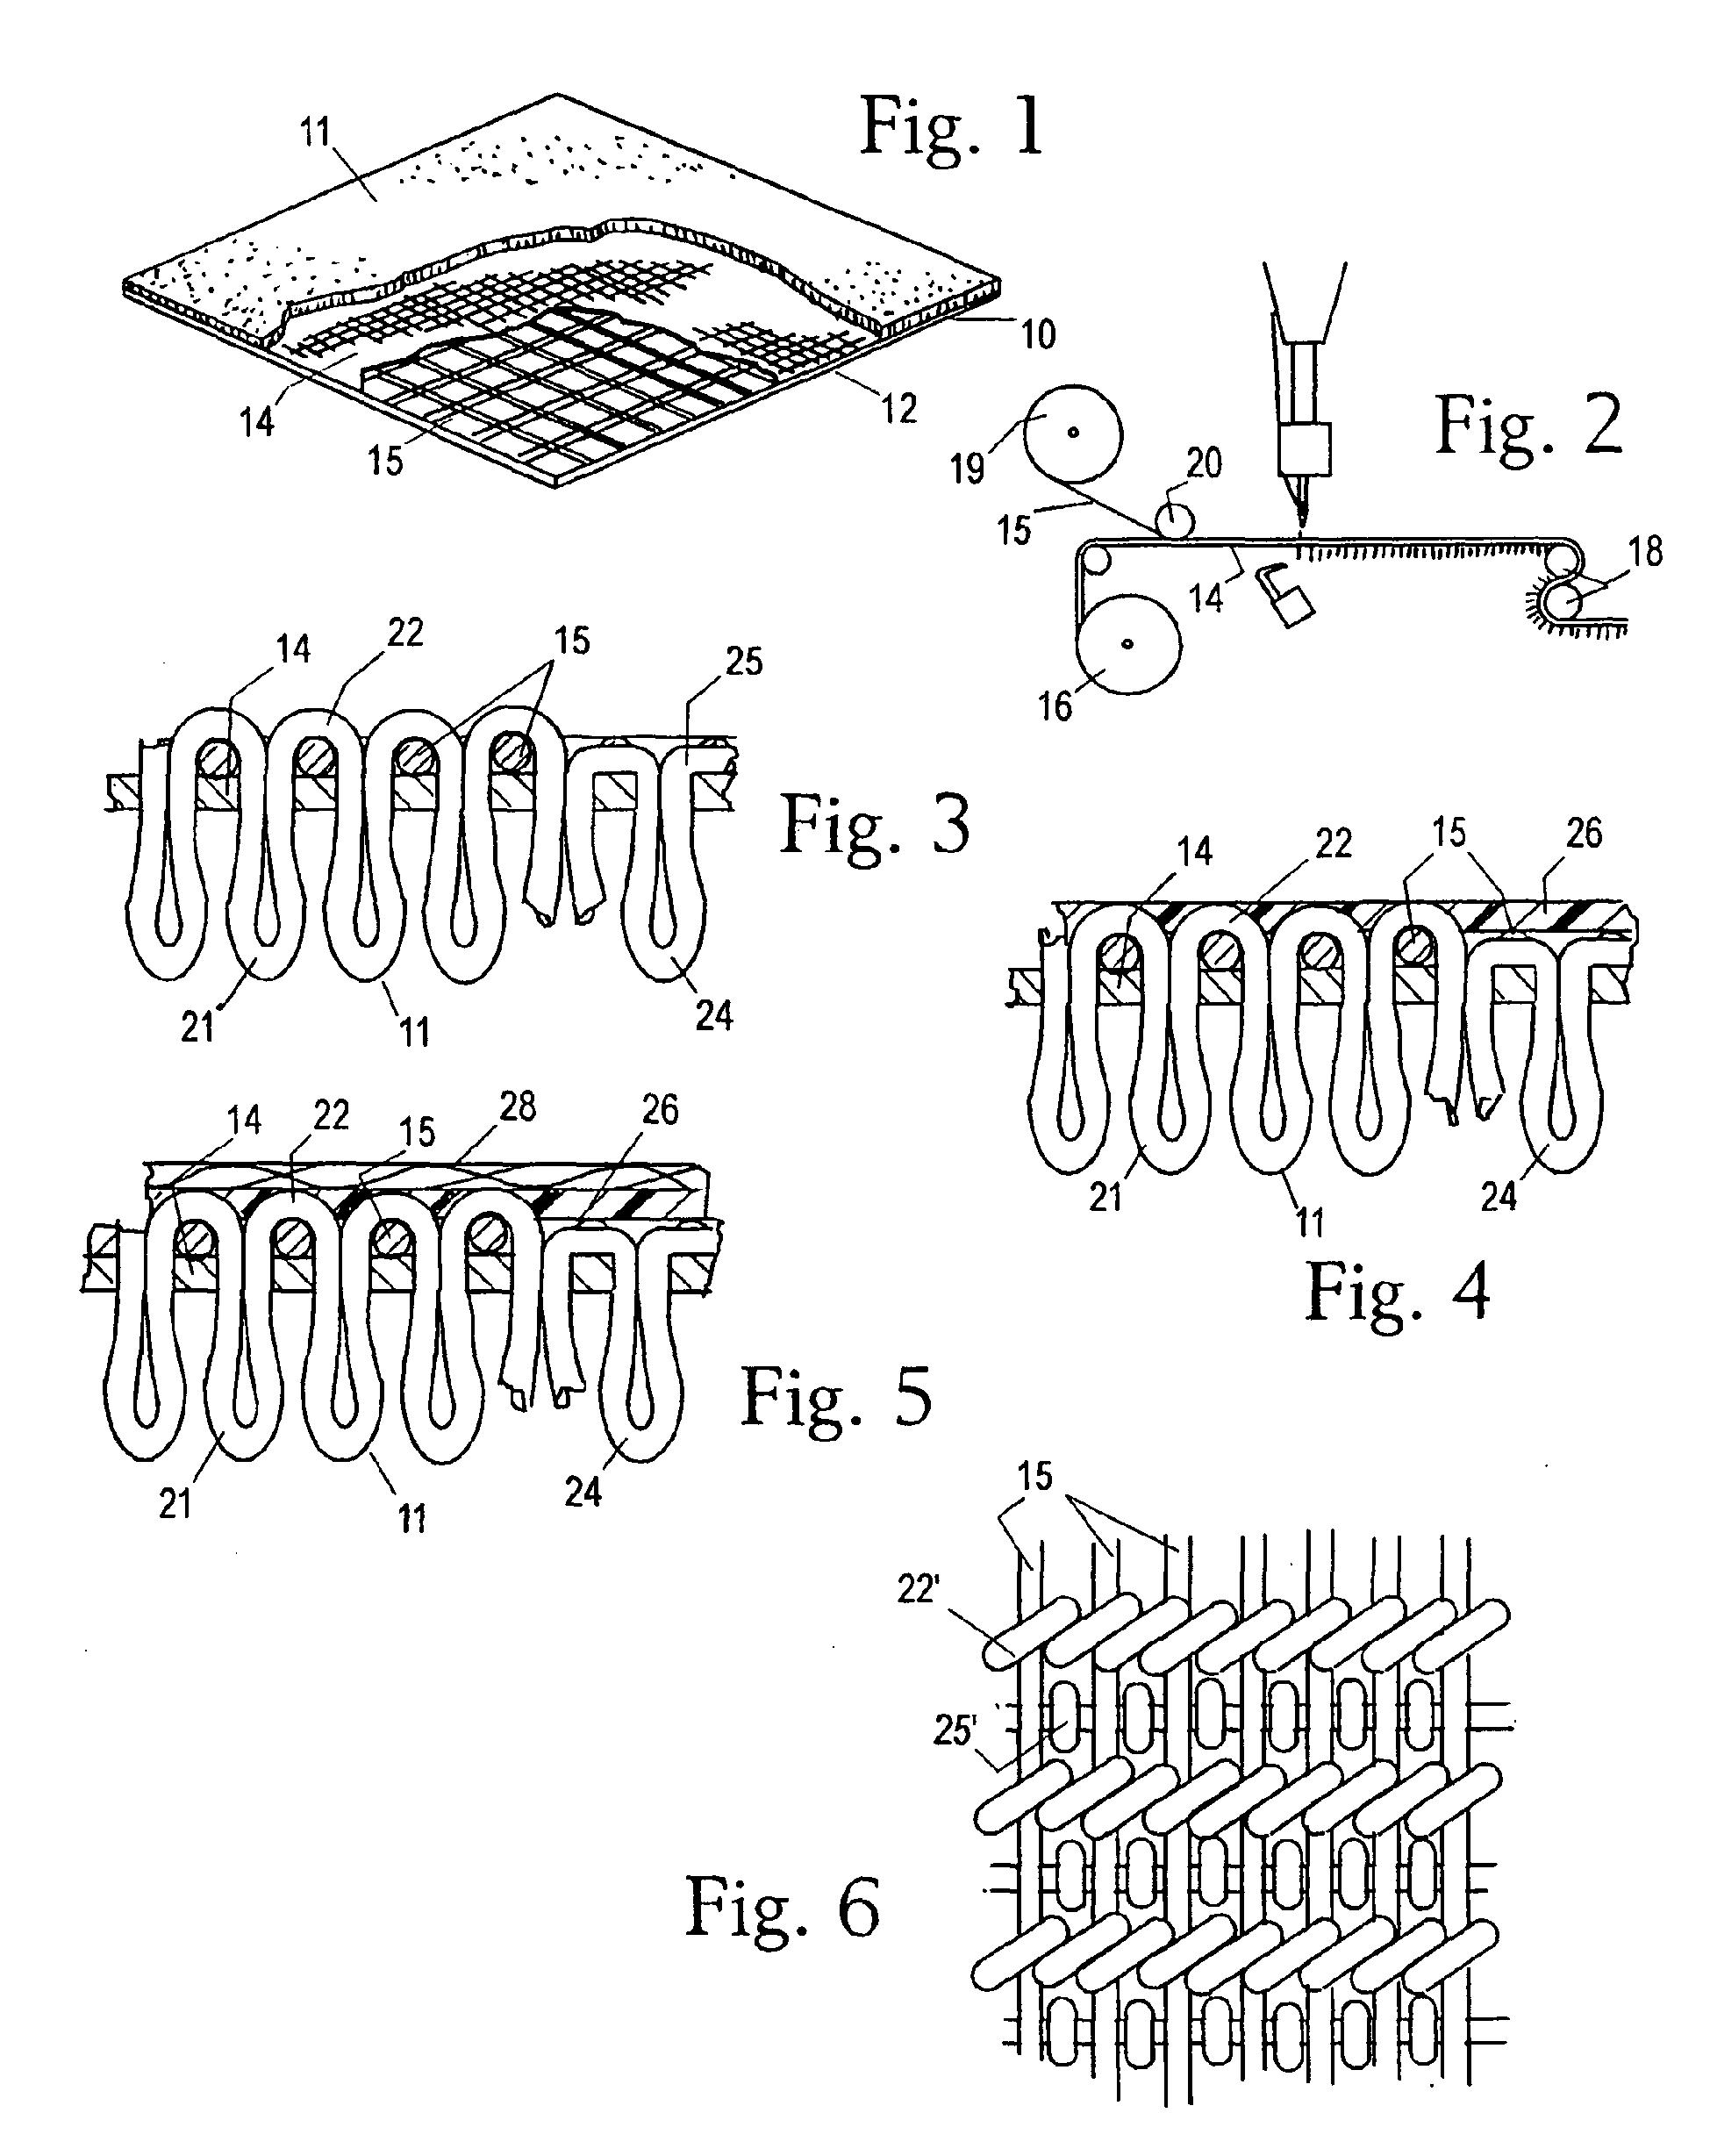 Tufted Carpet Construction Patente Us20040062902 Dual Denier Tufted ...